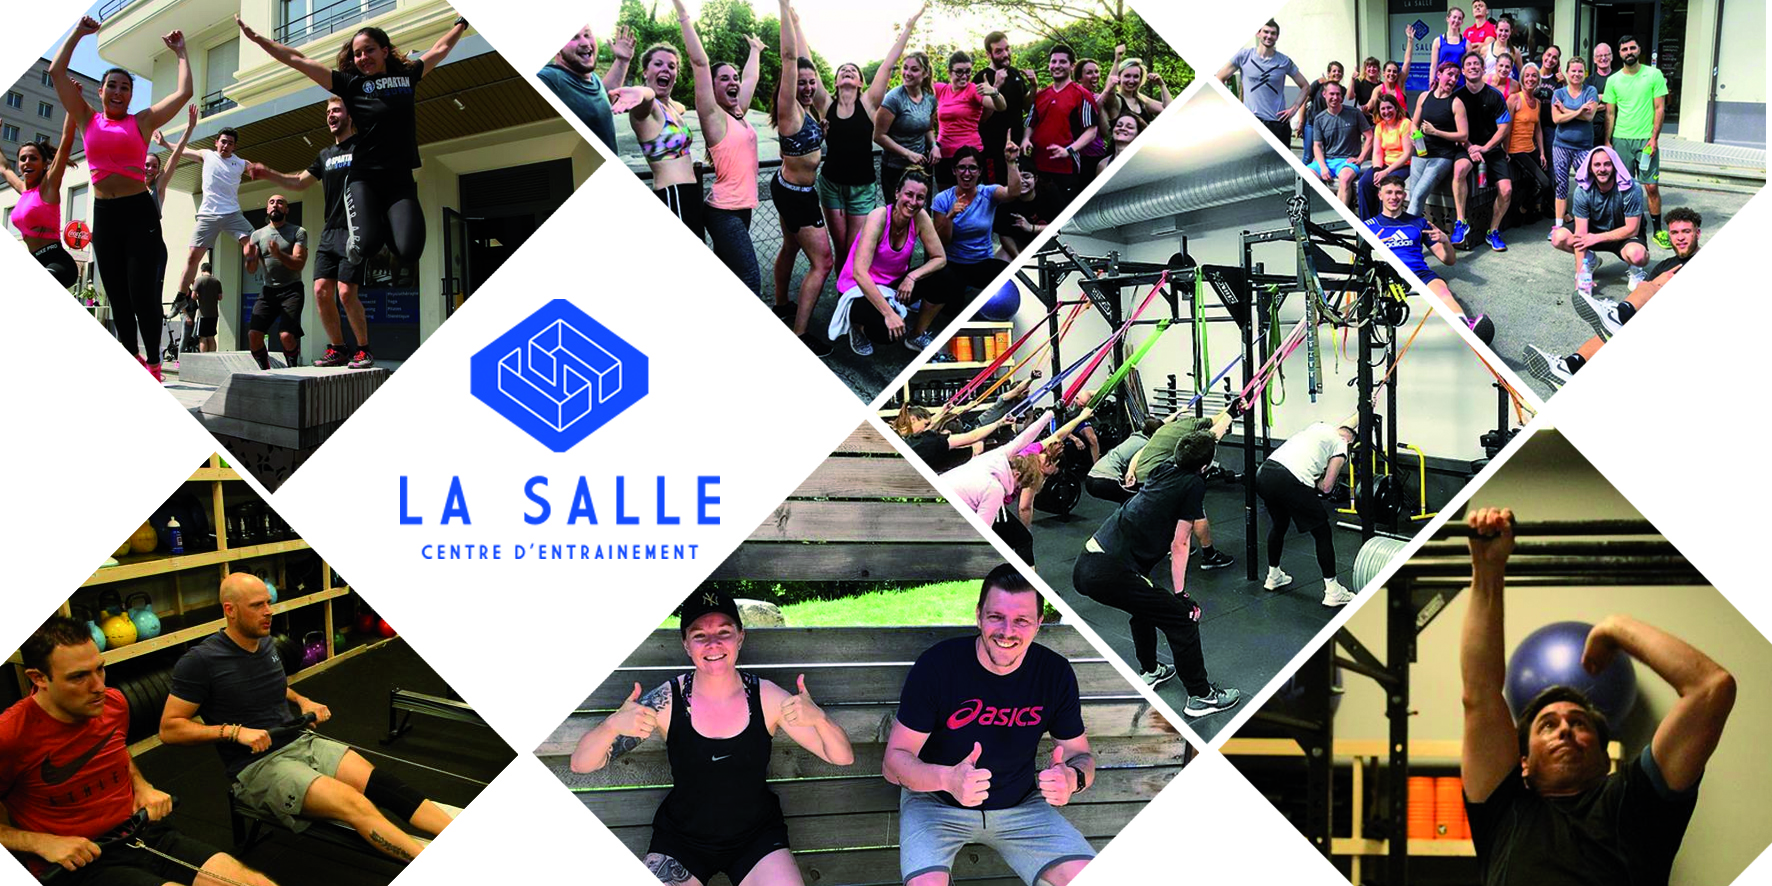 La Salle – Centre d'entraînement